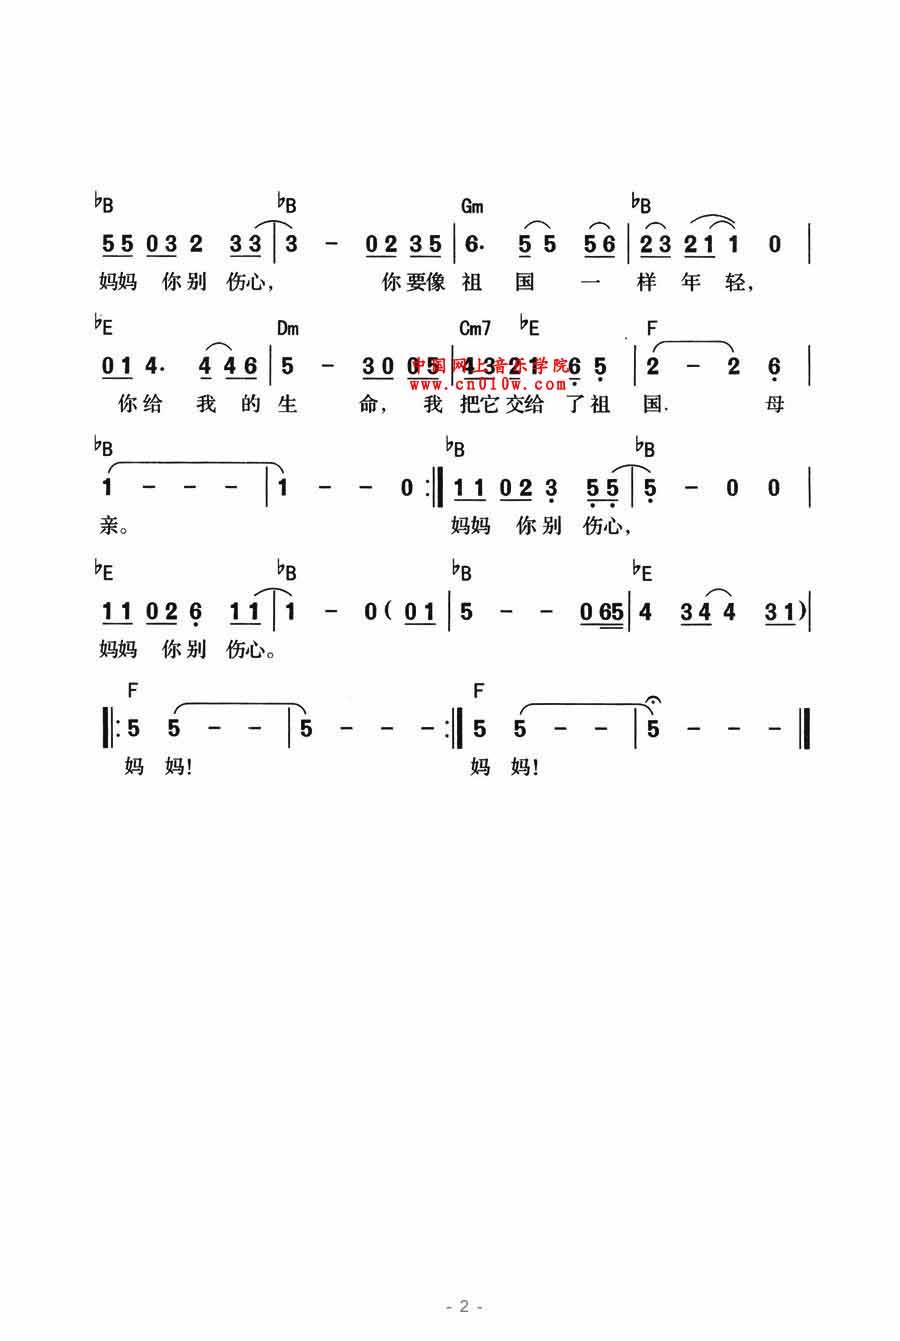 伴奏音乐 曲谱下载 >> 通俗歌曲 妈妈你别伤心02  2013-3-8 15:36:18&